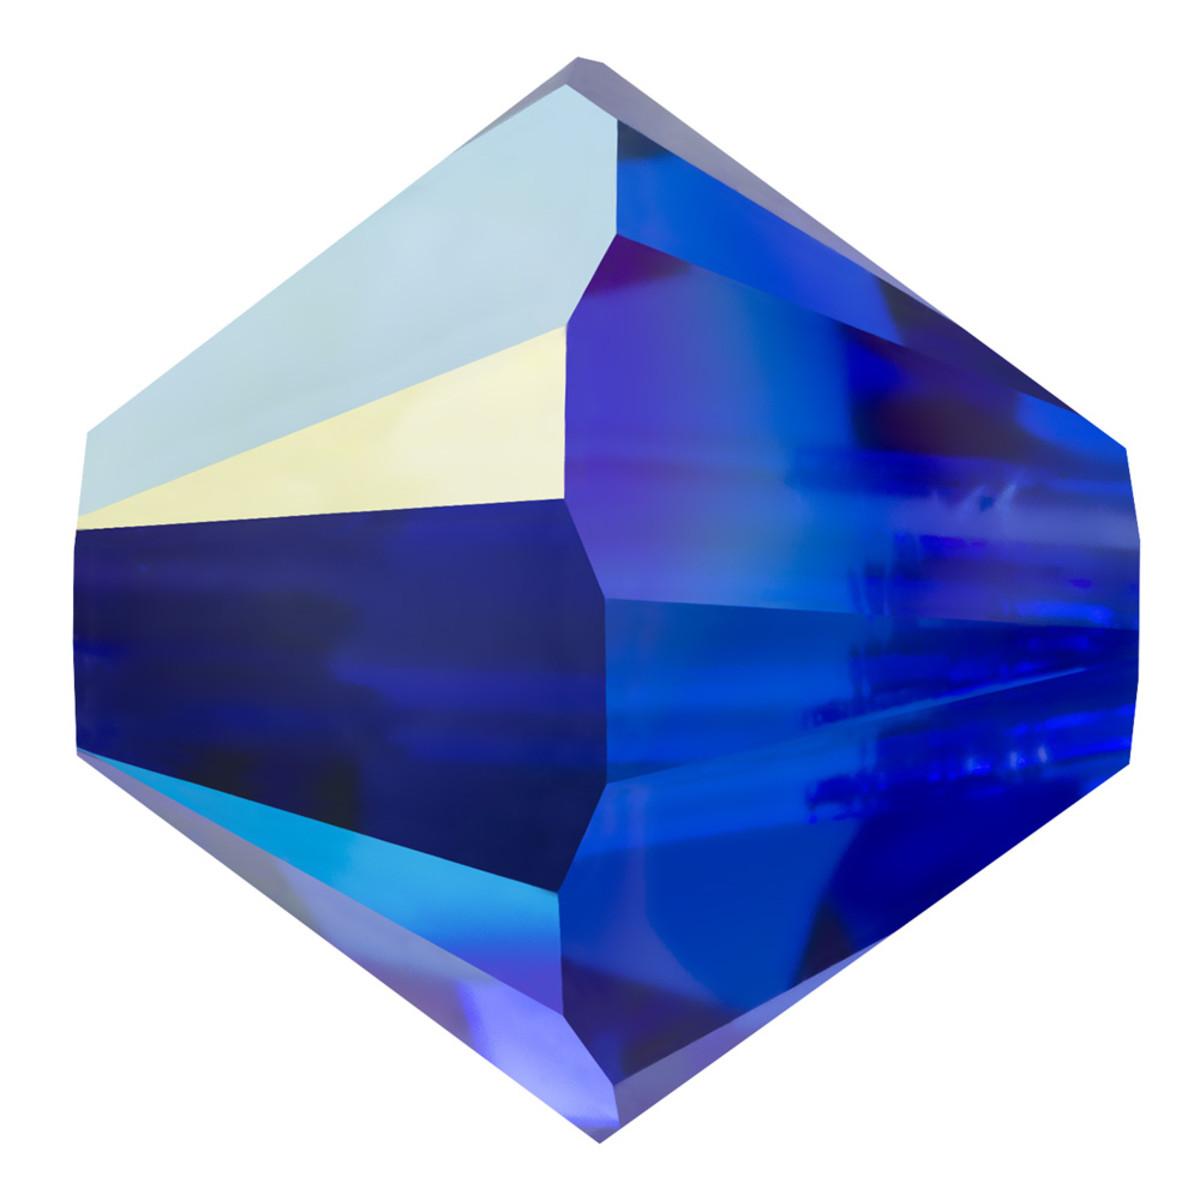 Swarovski Elements Perlen Bicones 3mm Majestic Blue AB beschichtet 100 Stück